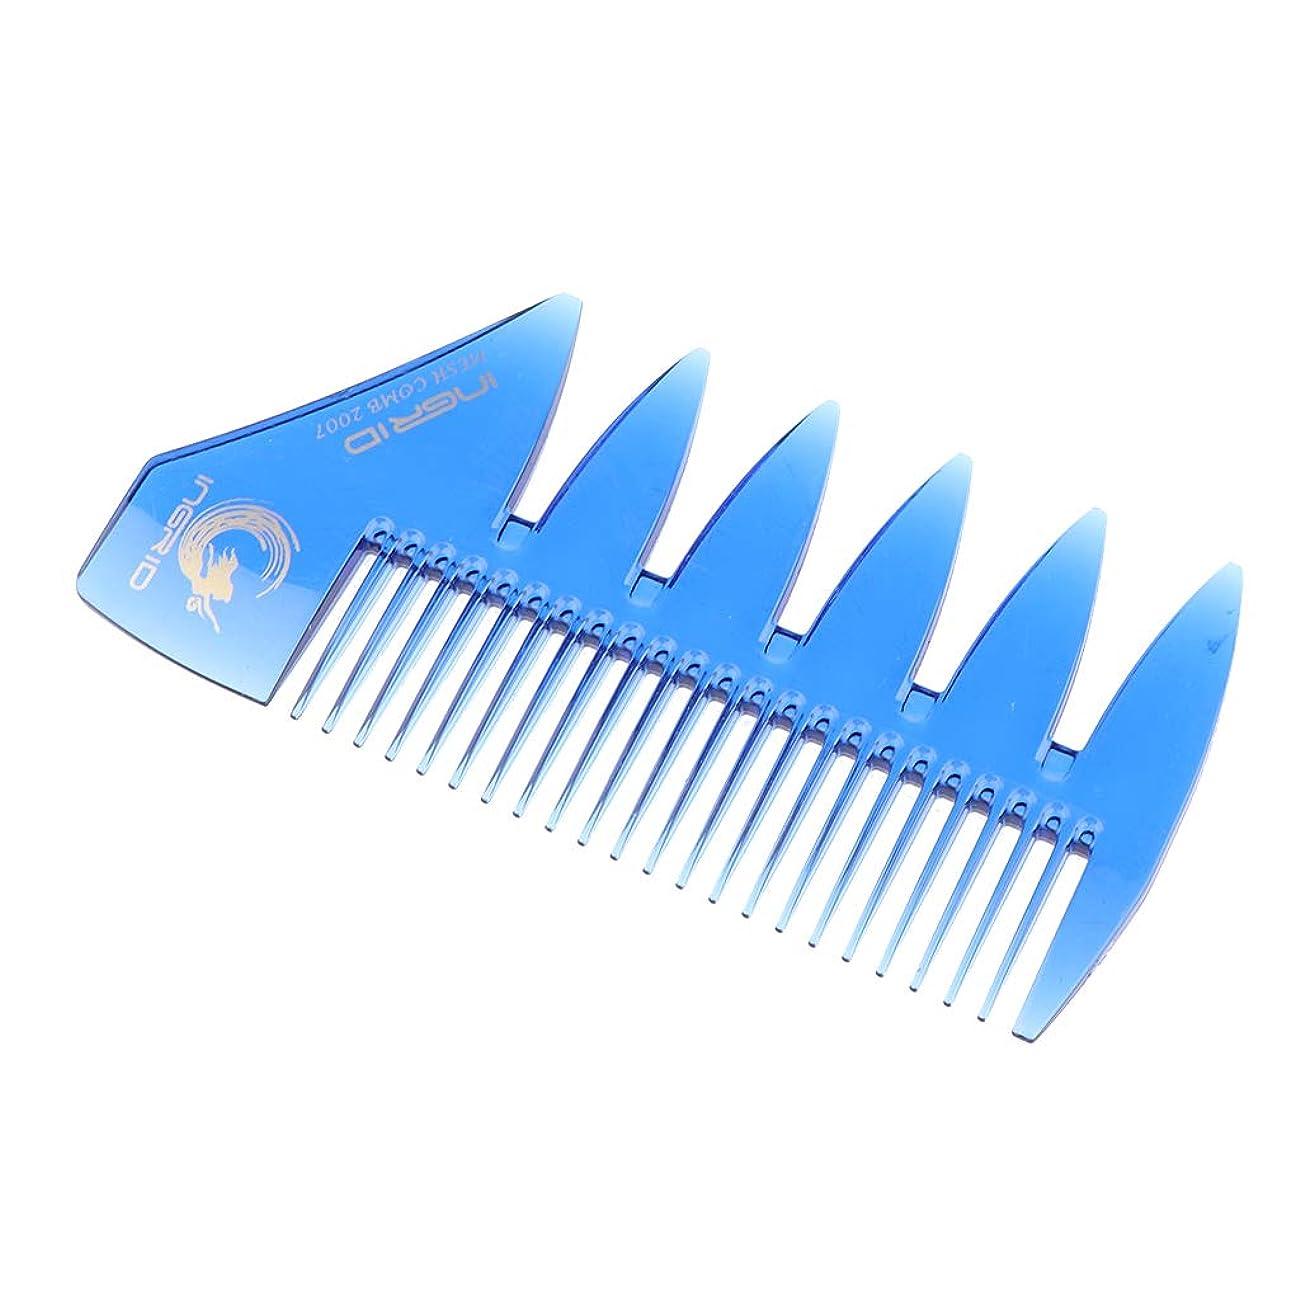 ポーンみ霊Sharplace ヘアビアードコーム デュアルアクション 細かい/粗い歯 櫛 ヘアブラシ ヘアスタイリング 4色選べ - 青